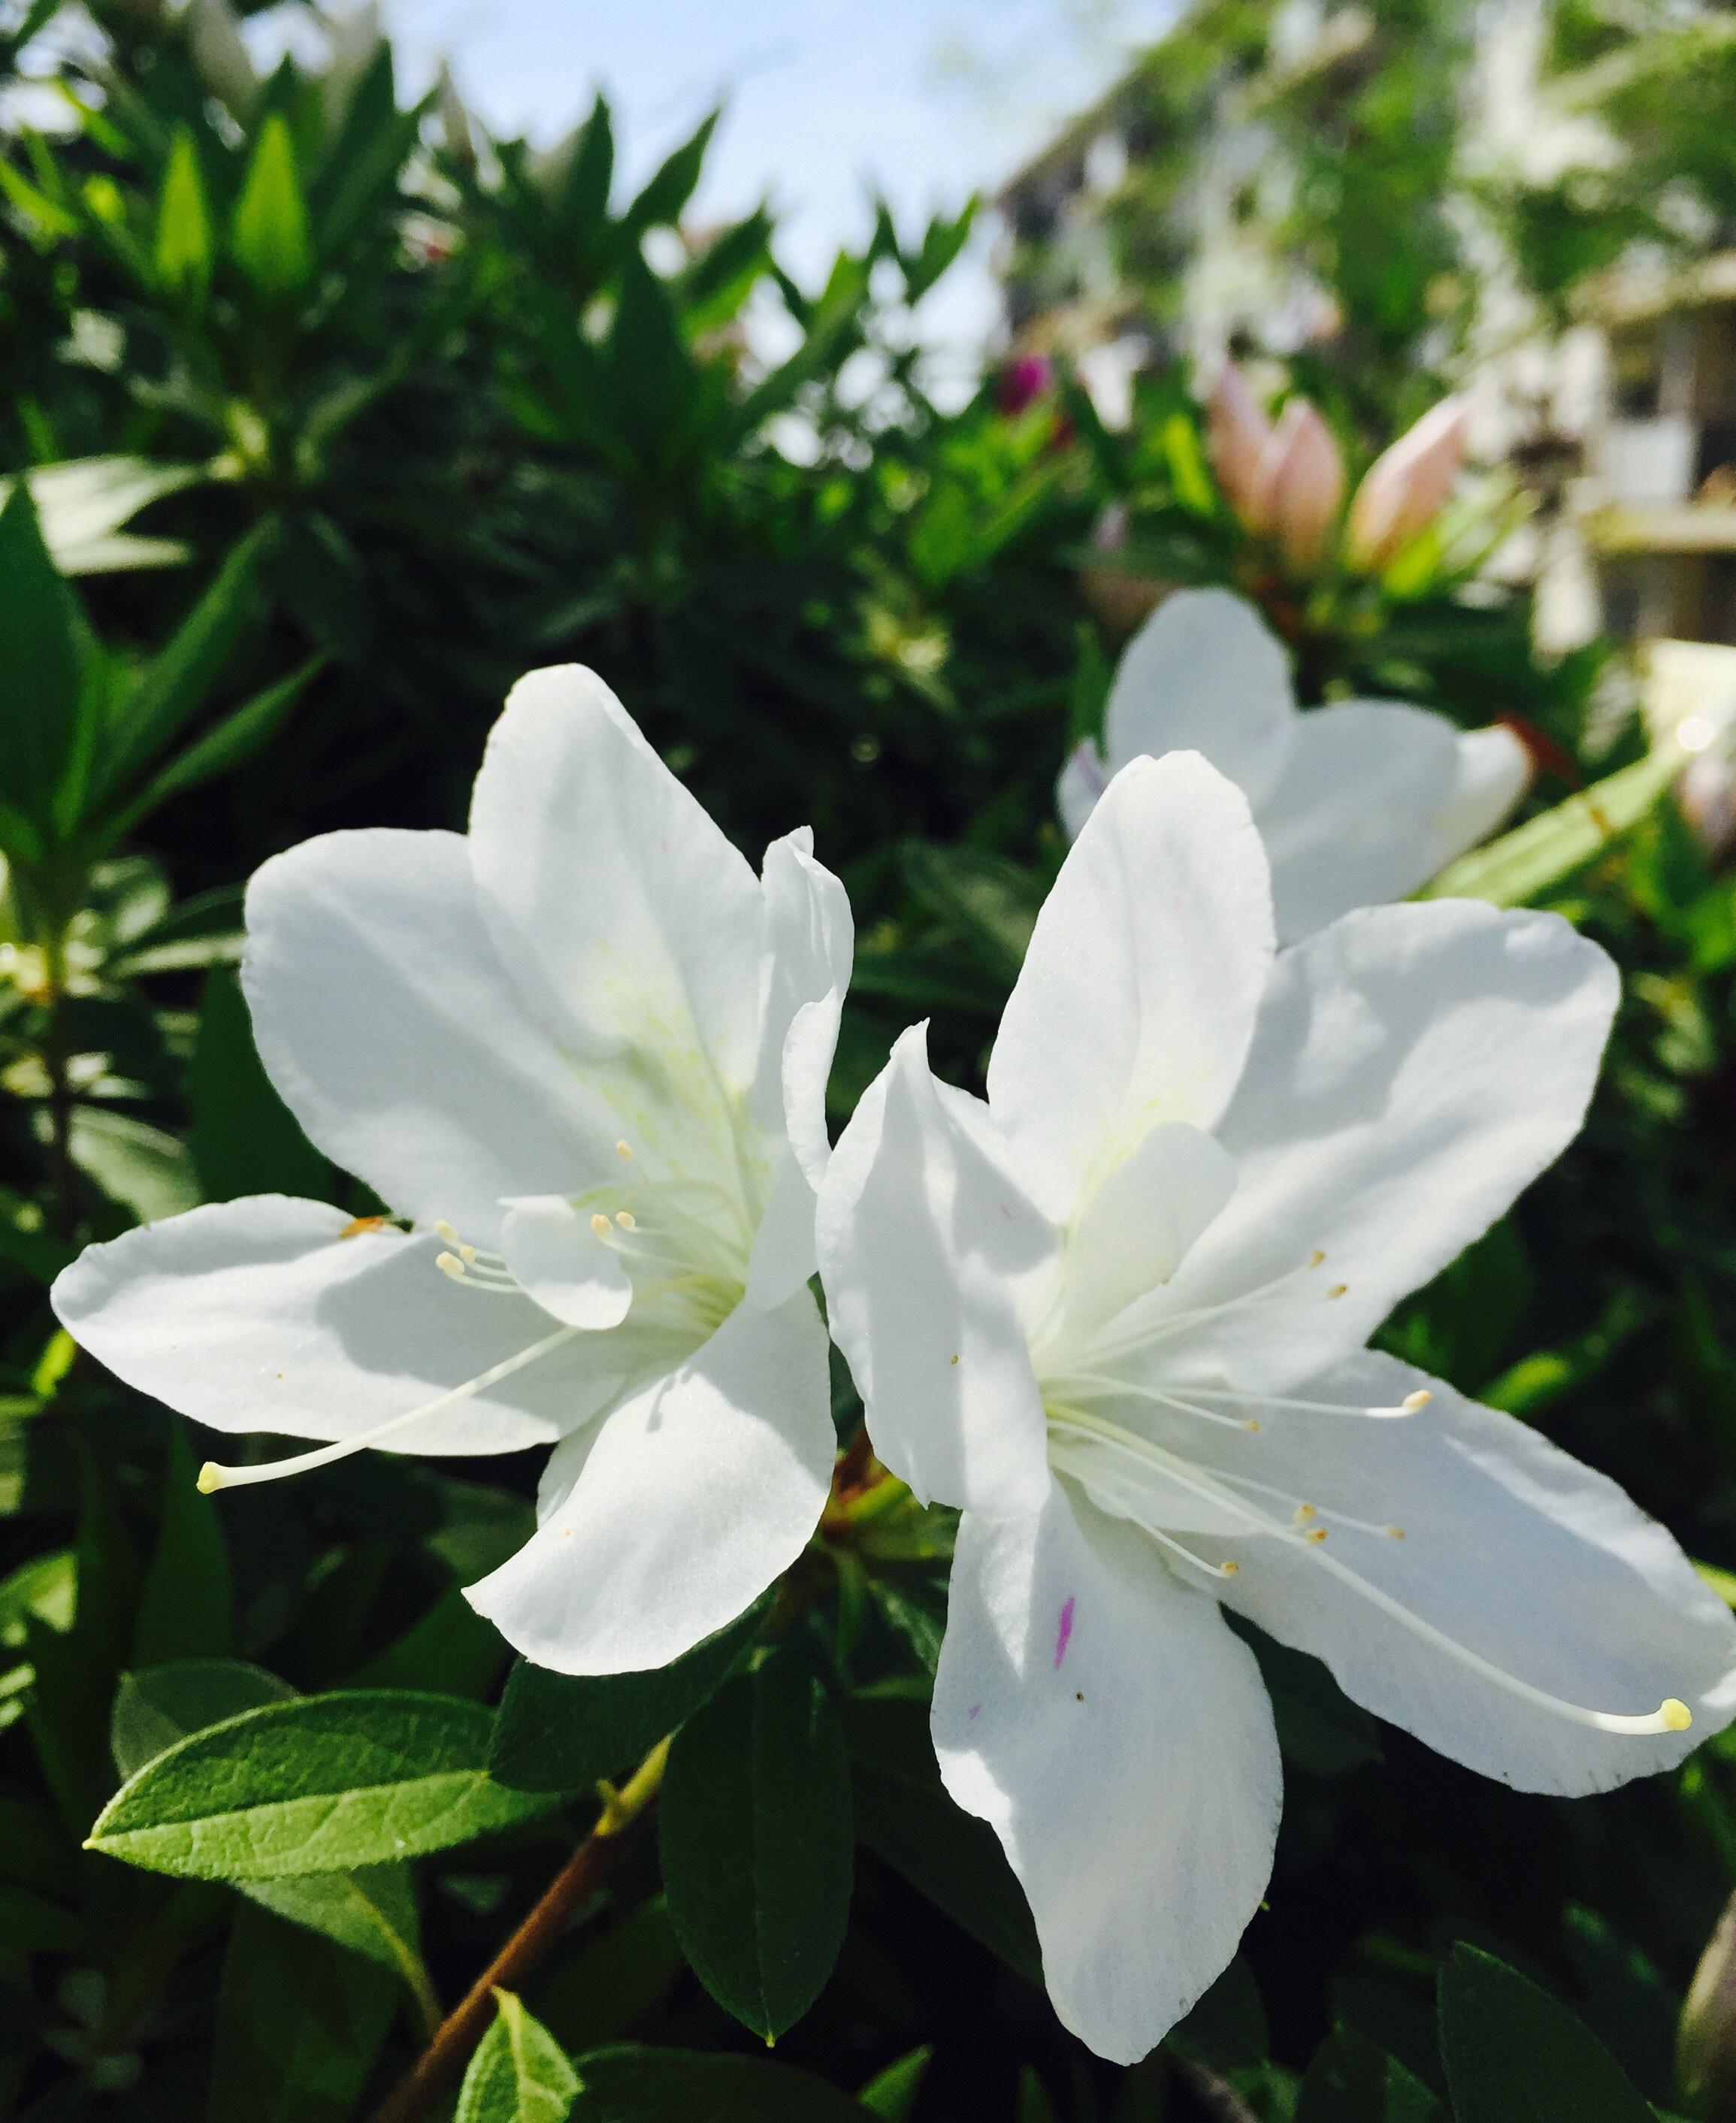 images gratuites : la nature, pétale, printemps, botanique, flore